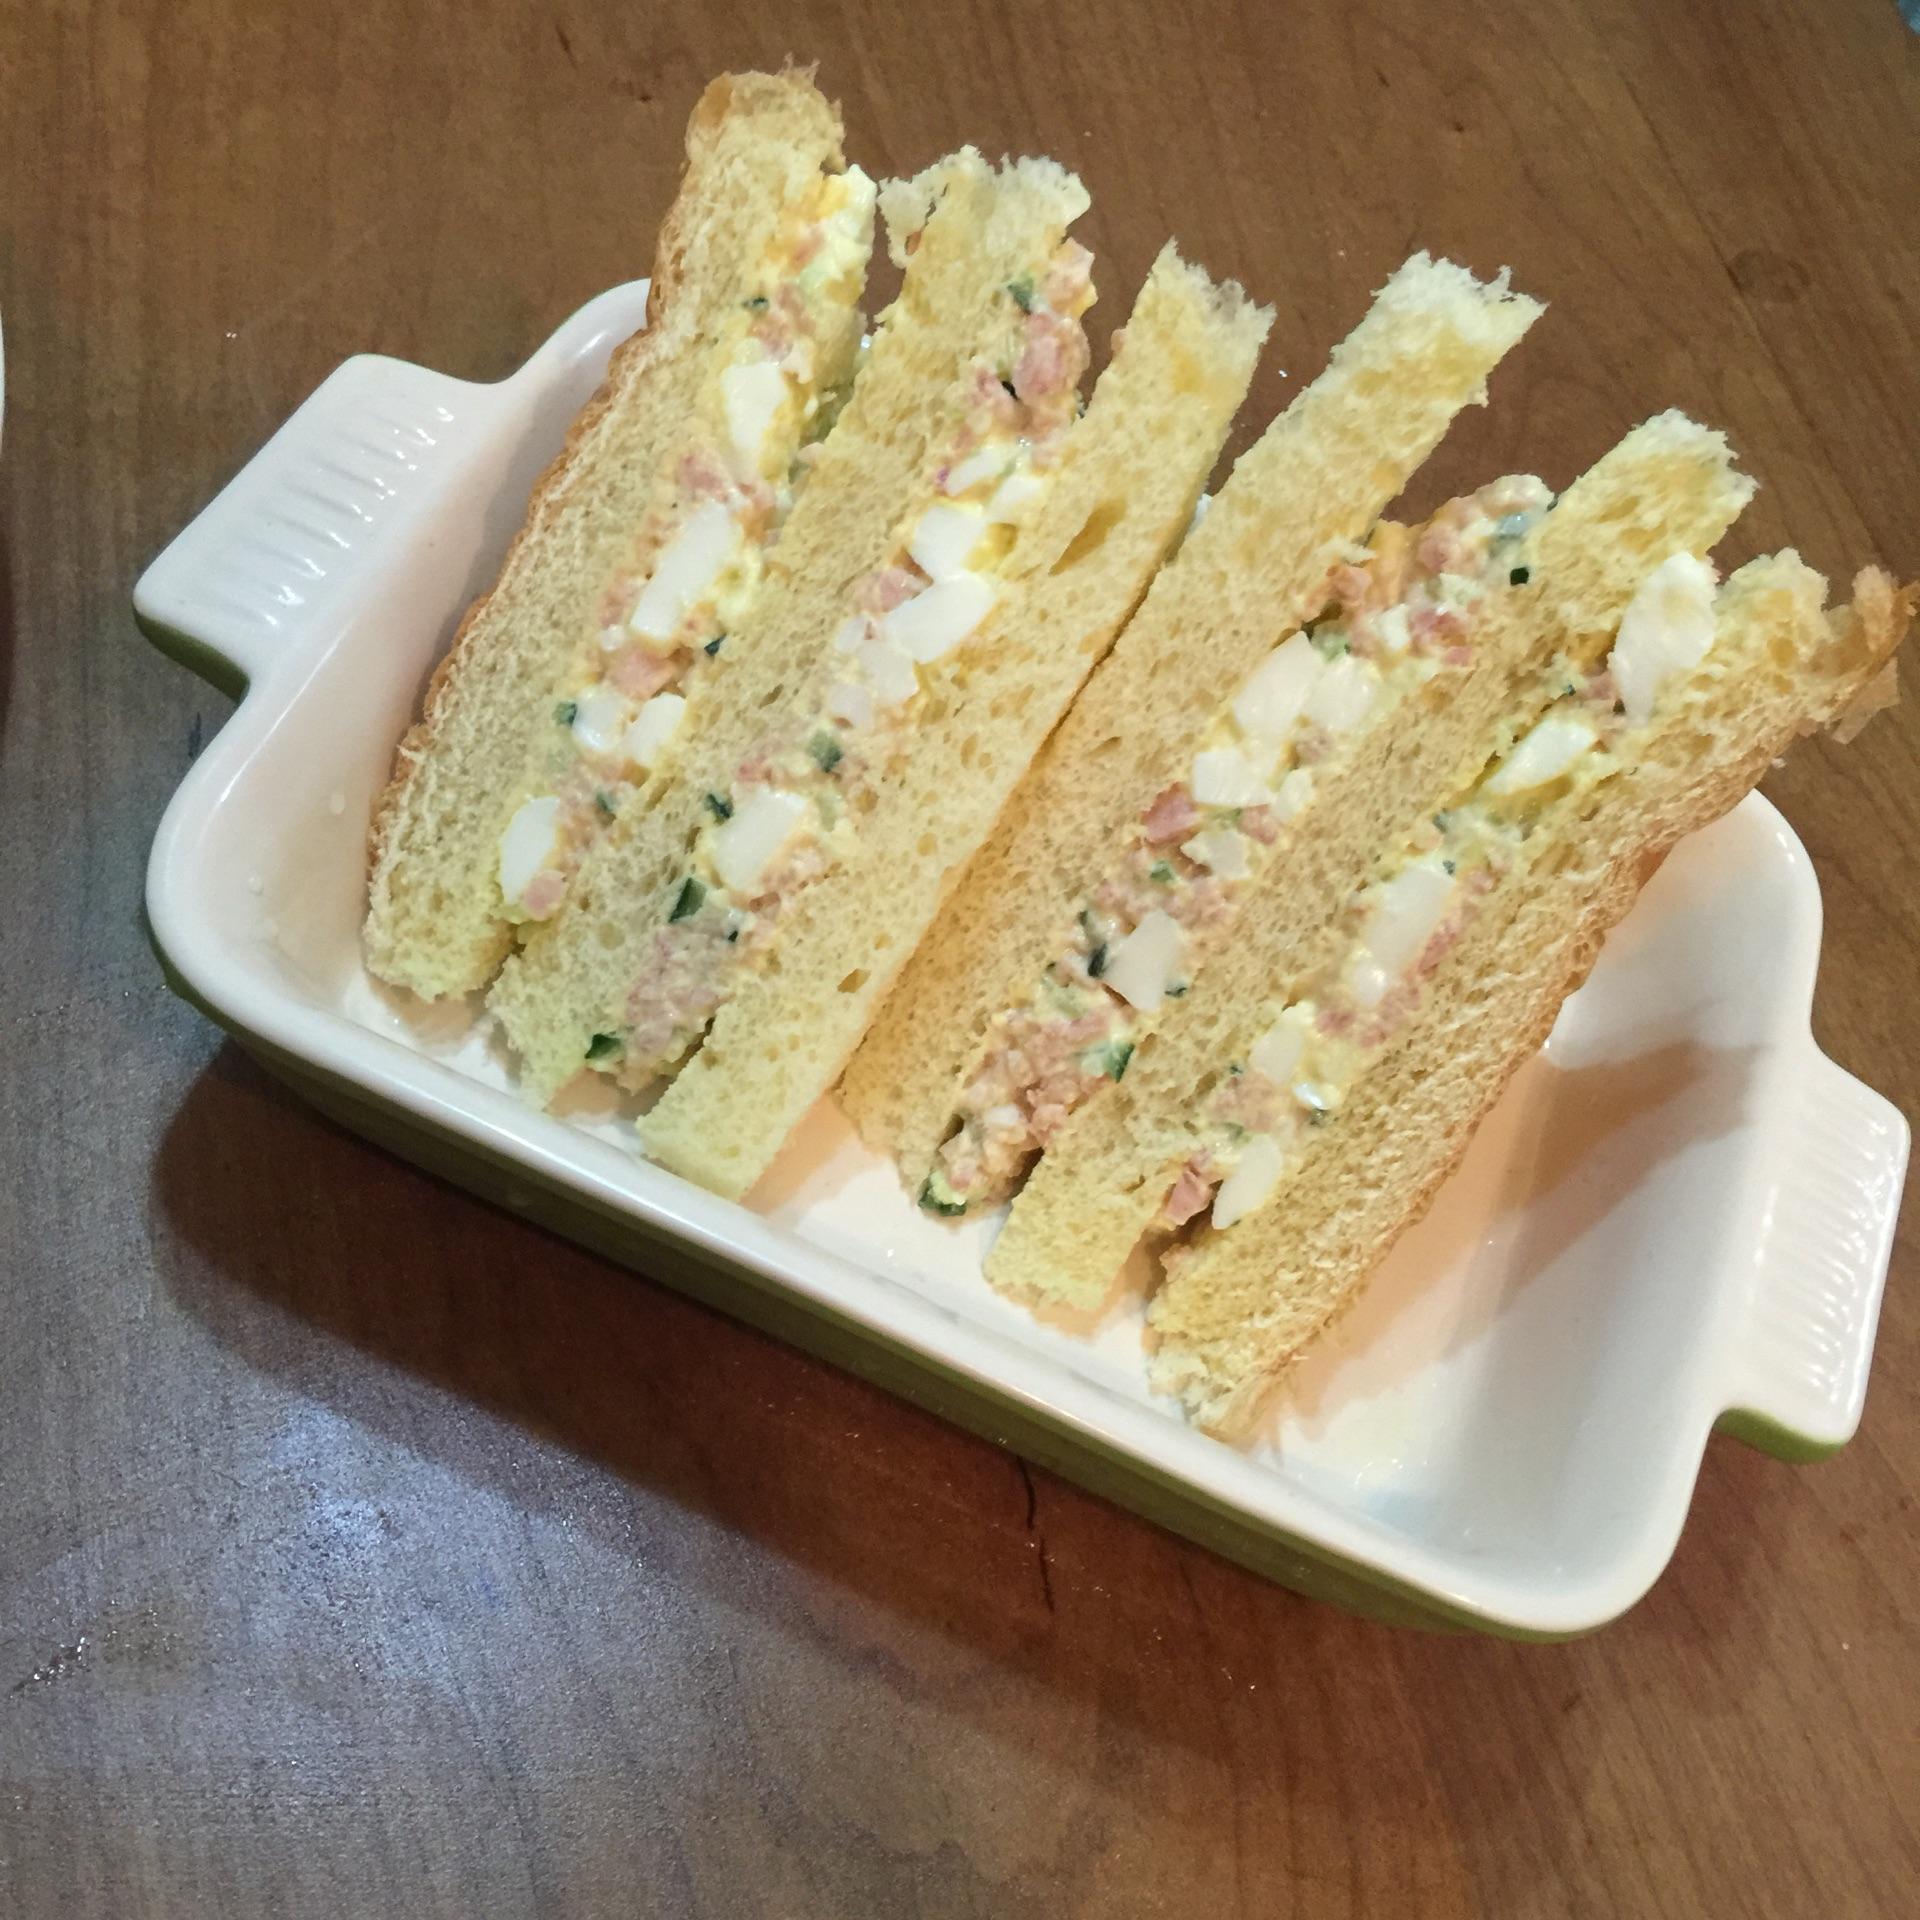 温柔柔三明治的做法步骤 2. 面包去边,把边吃掉 3.